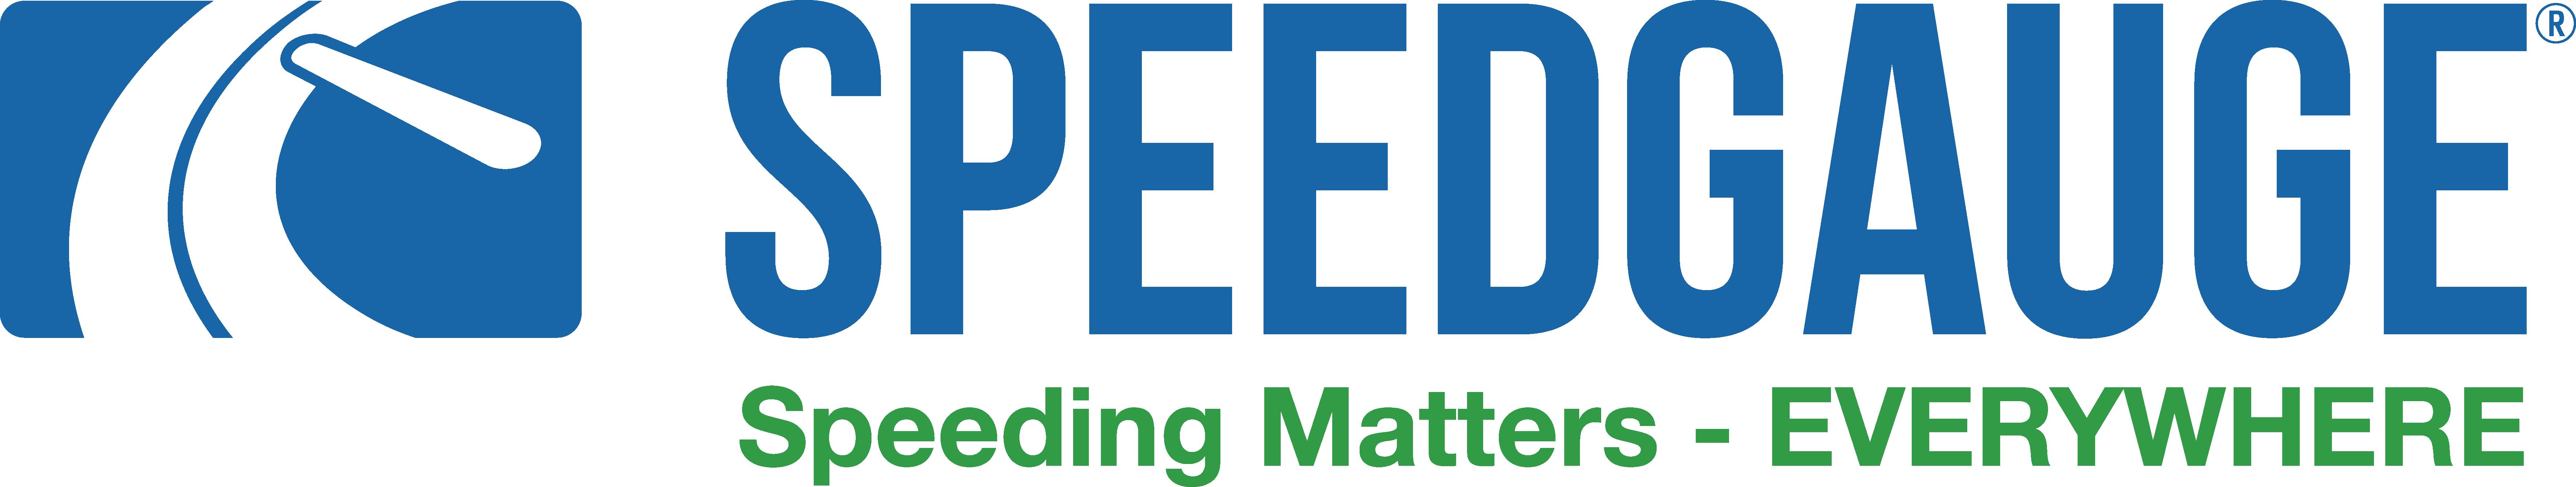 speedgauge speeding